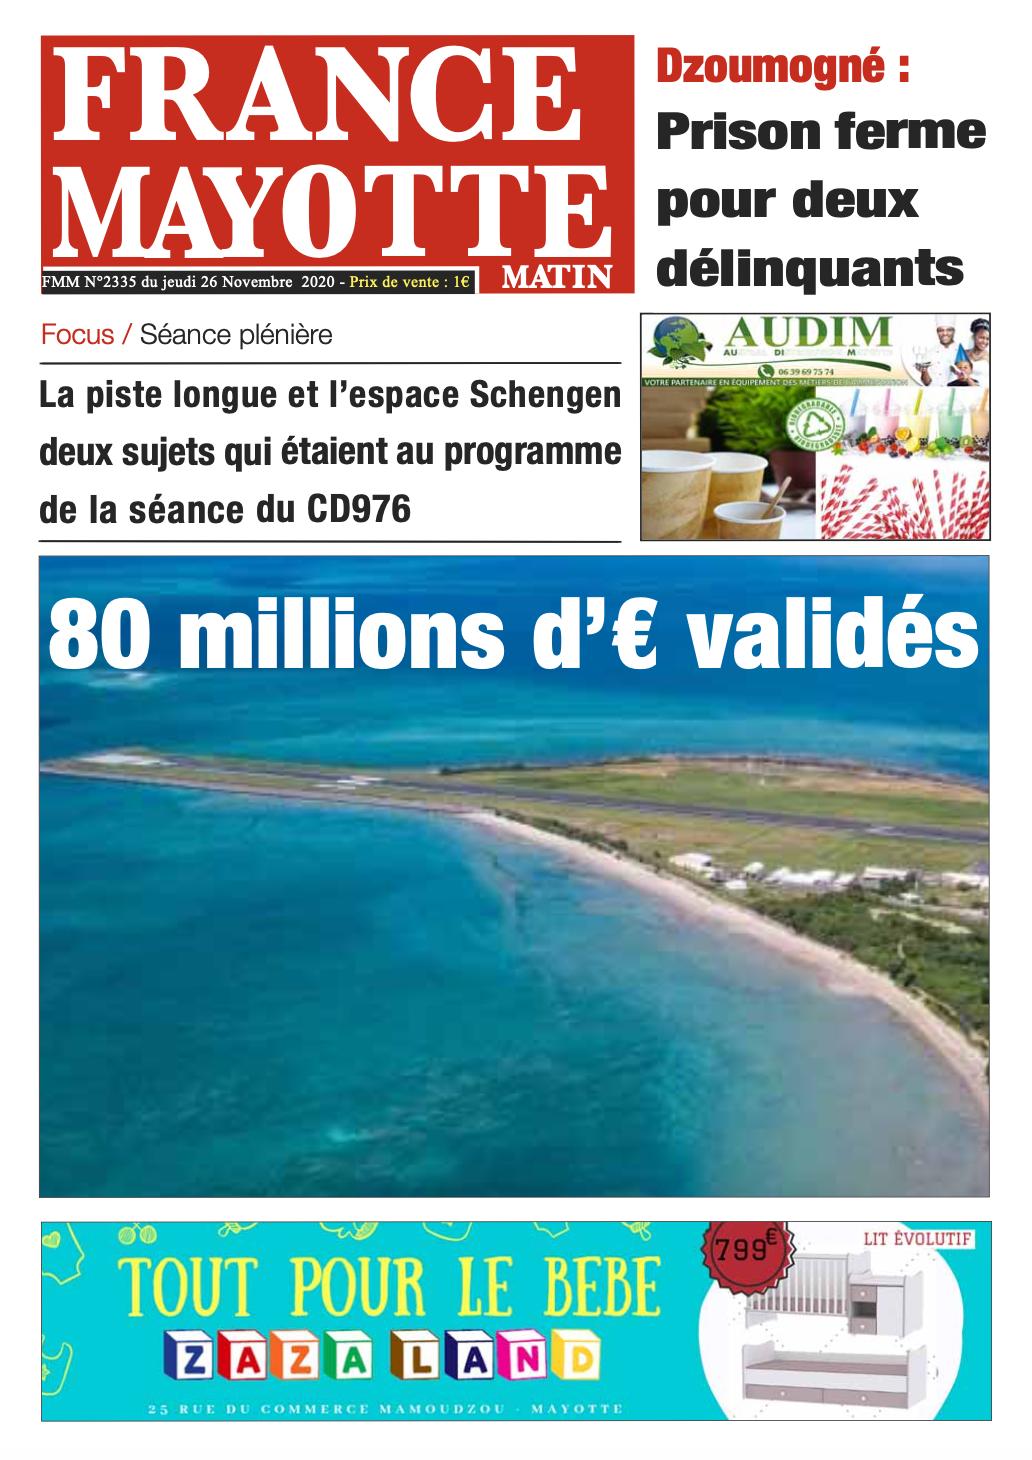 France Mayotte Jeudi 26 novembre 2020